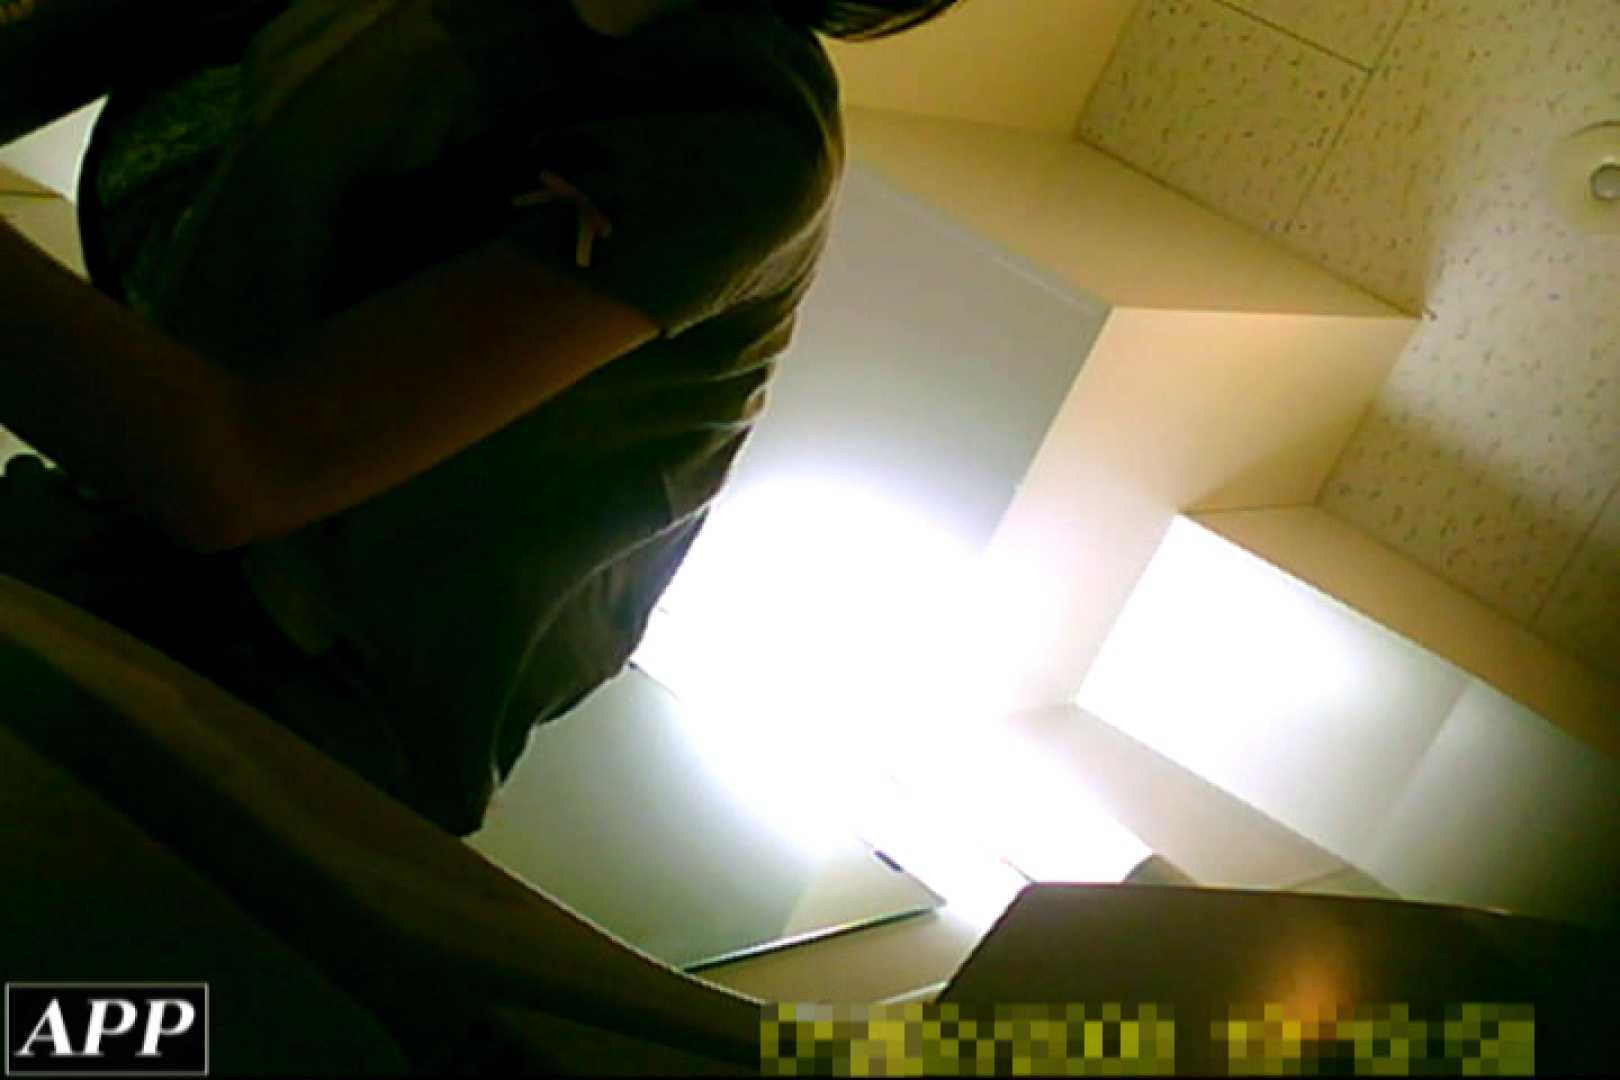 3視点洗面所 vol.131 OLのエロ生活 のぞき動画画像 93連発 86